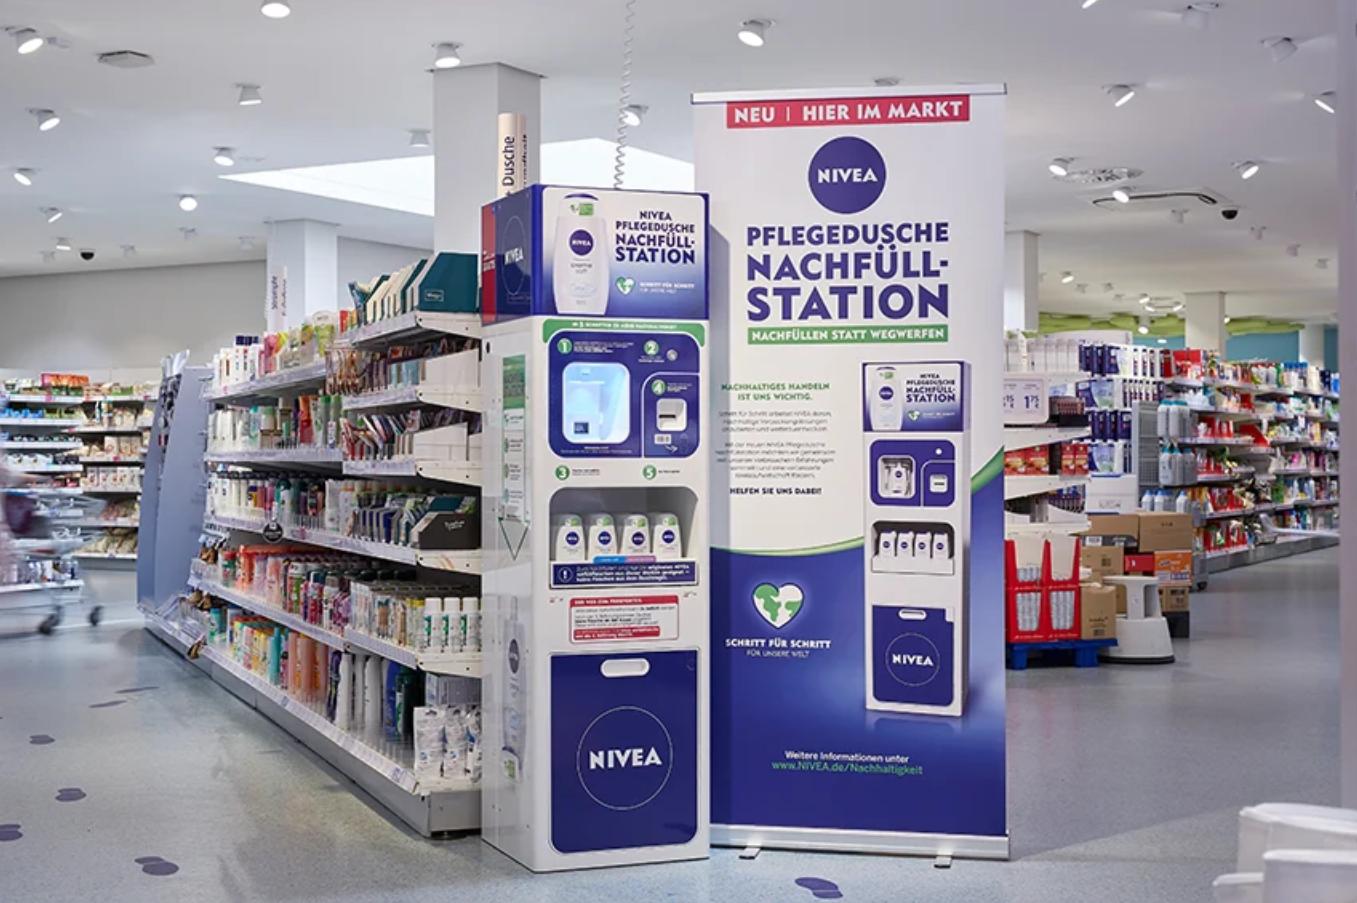 妮维雅 NIVEA 推出首个沐浴露自助灌装机,大幅提高塑料包装瓶的重复利用率